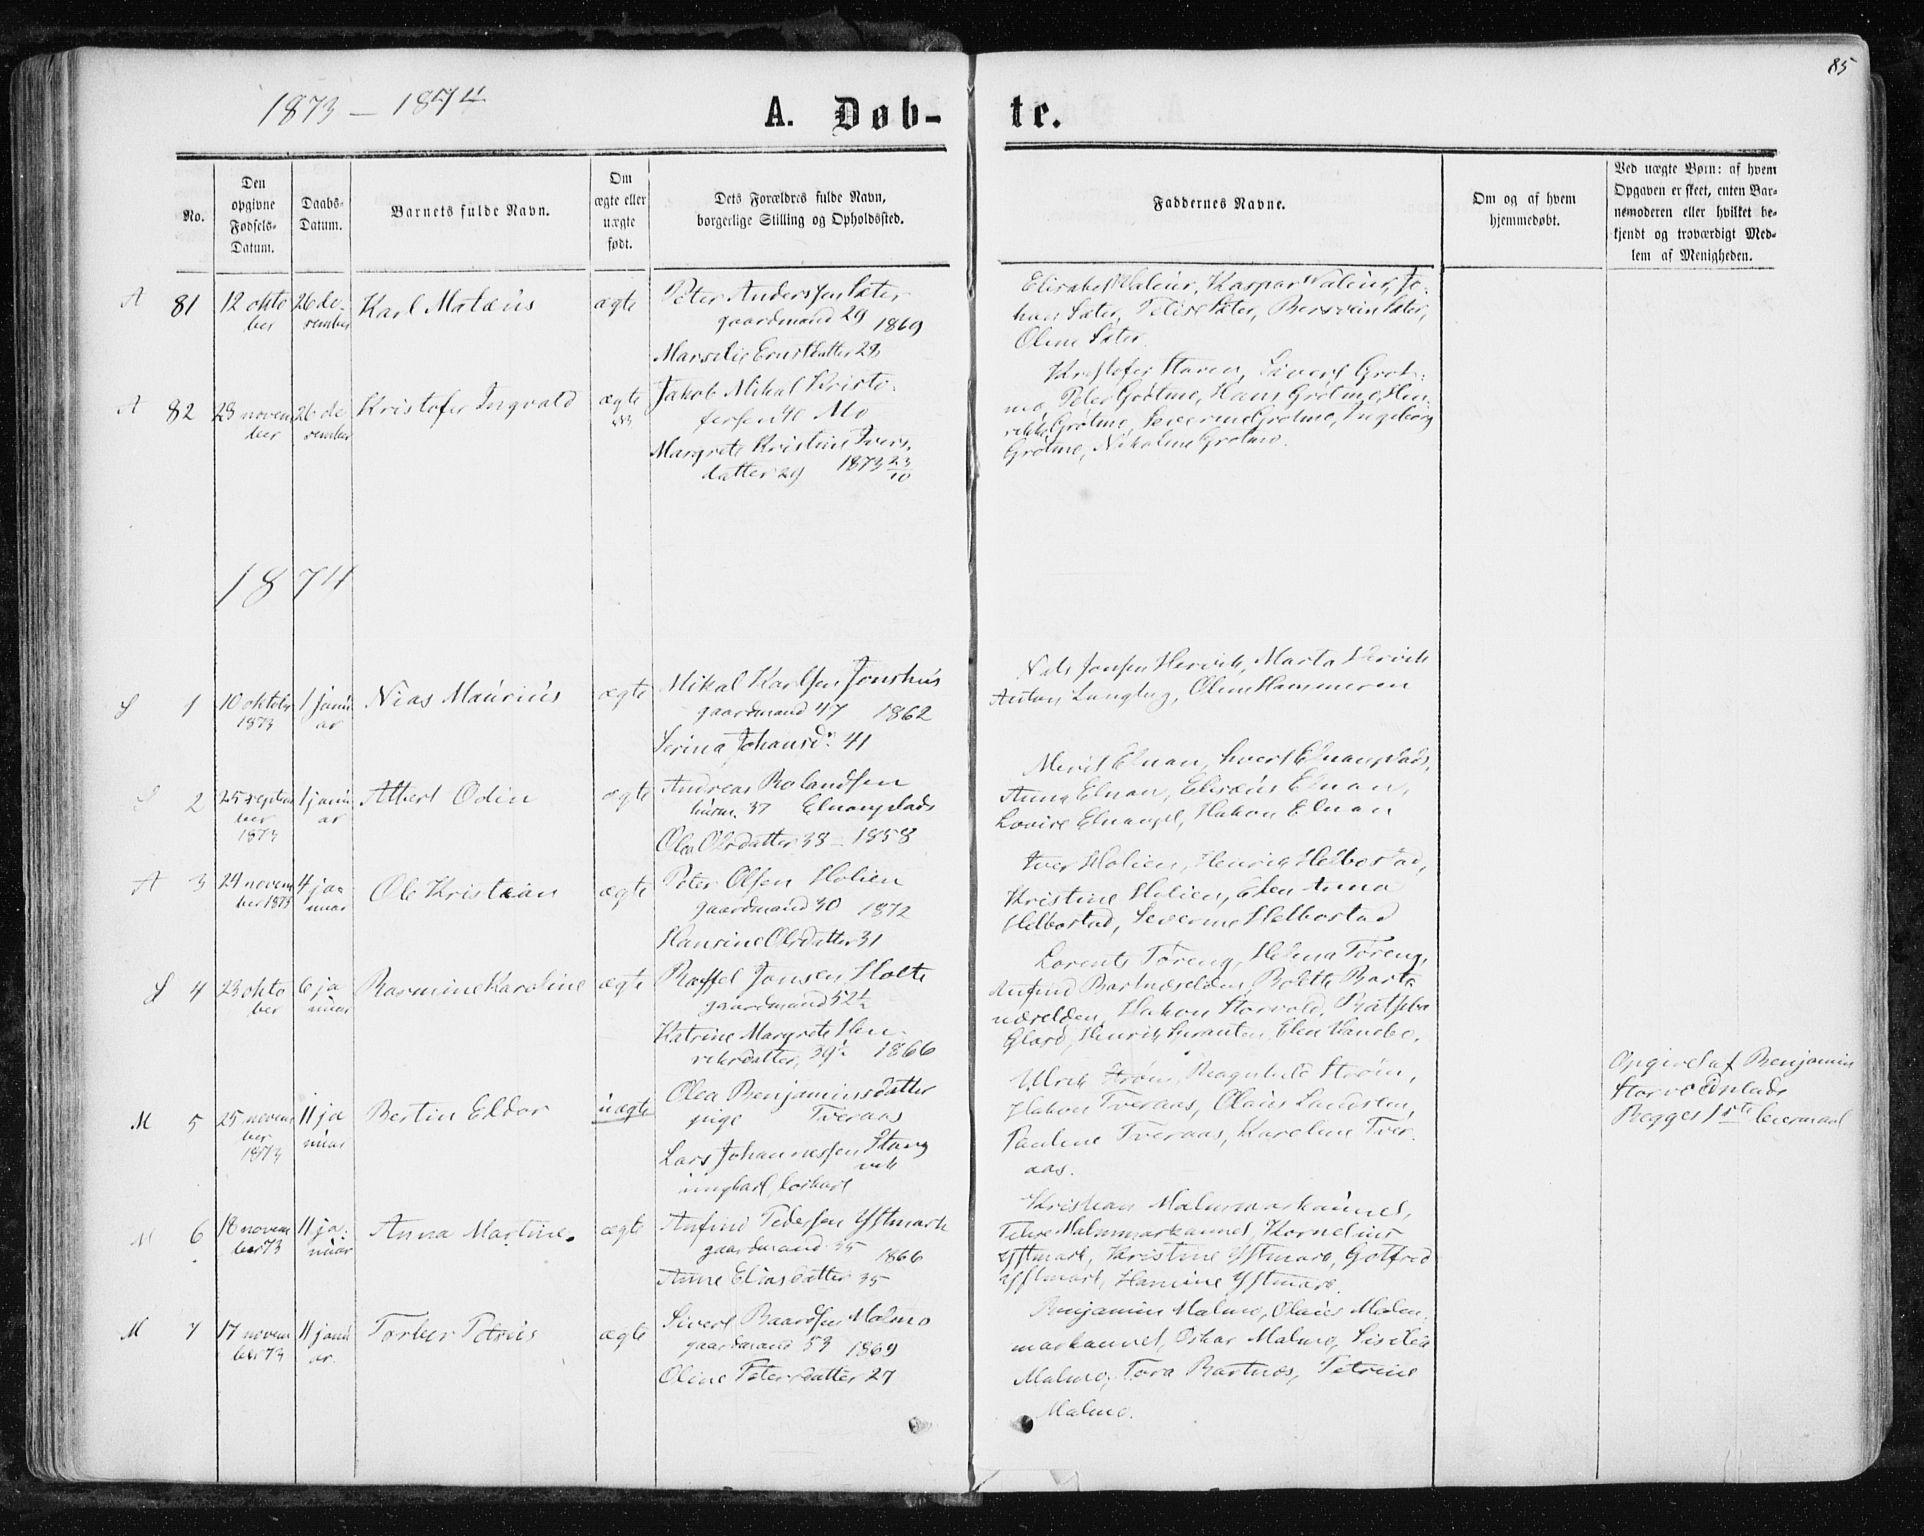 SAT, Ministerialprotokoller, klokkerbøker og fødselsregistre - Nord-Trøndelag, 741/L0394: Ministerialbok nr. 741A08, 1864-1877, s. 85